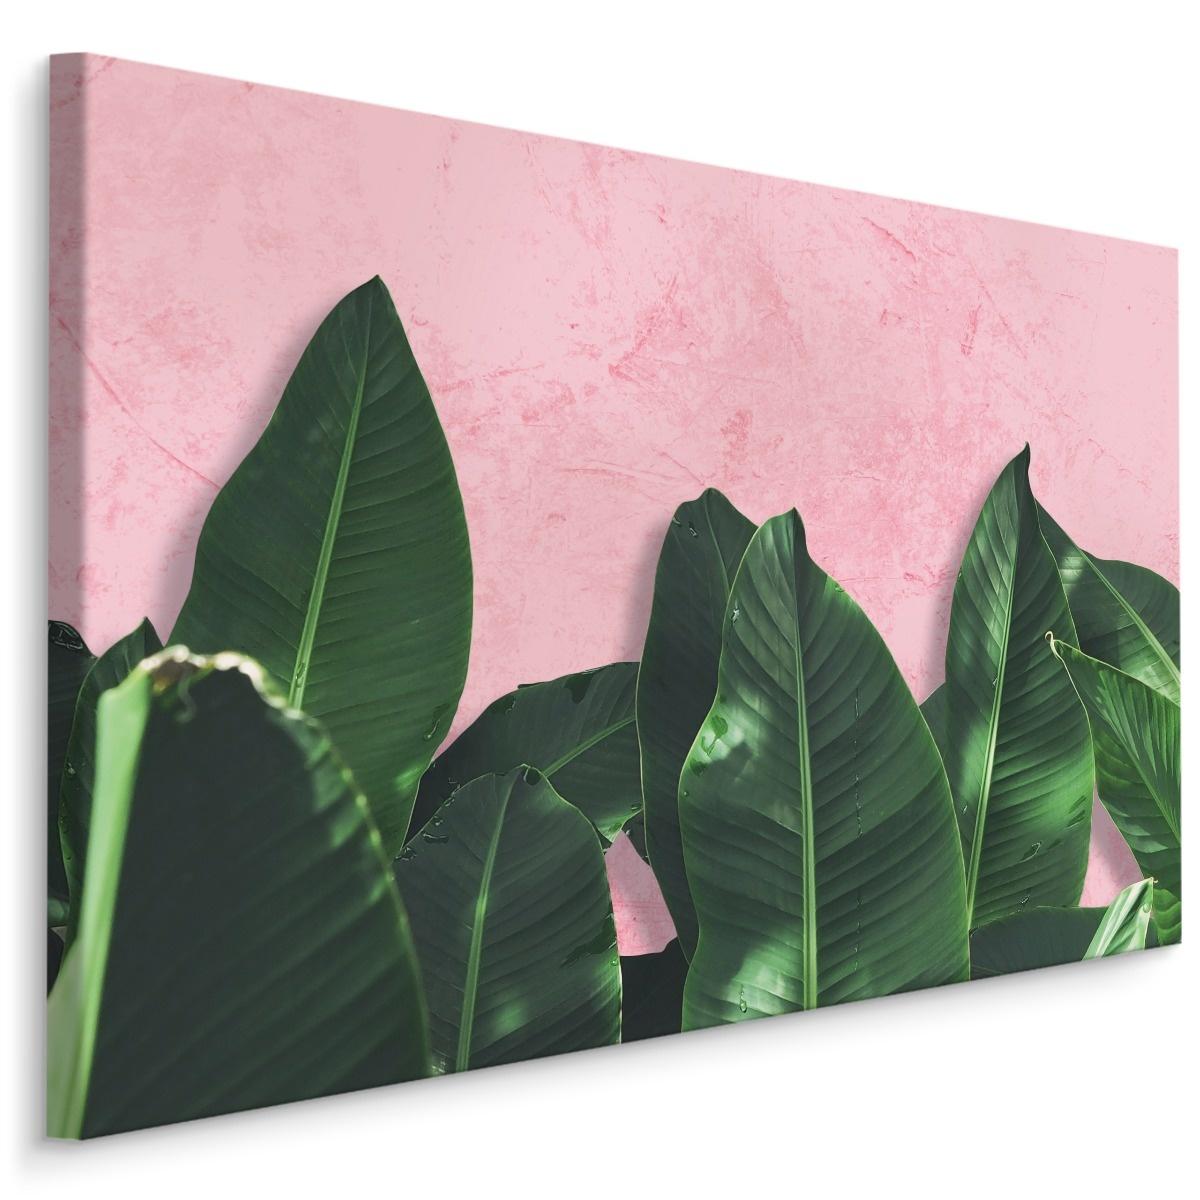 Schilderij - Bananenblad op roze achtergrond, 4 maten, premium print